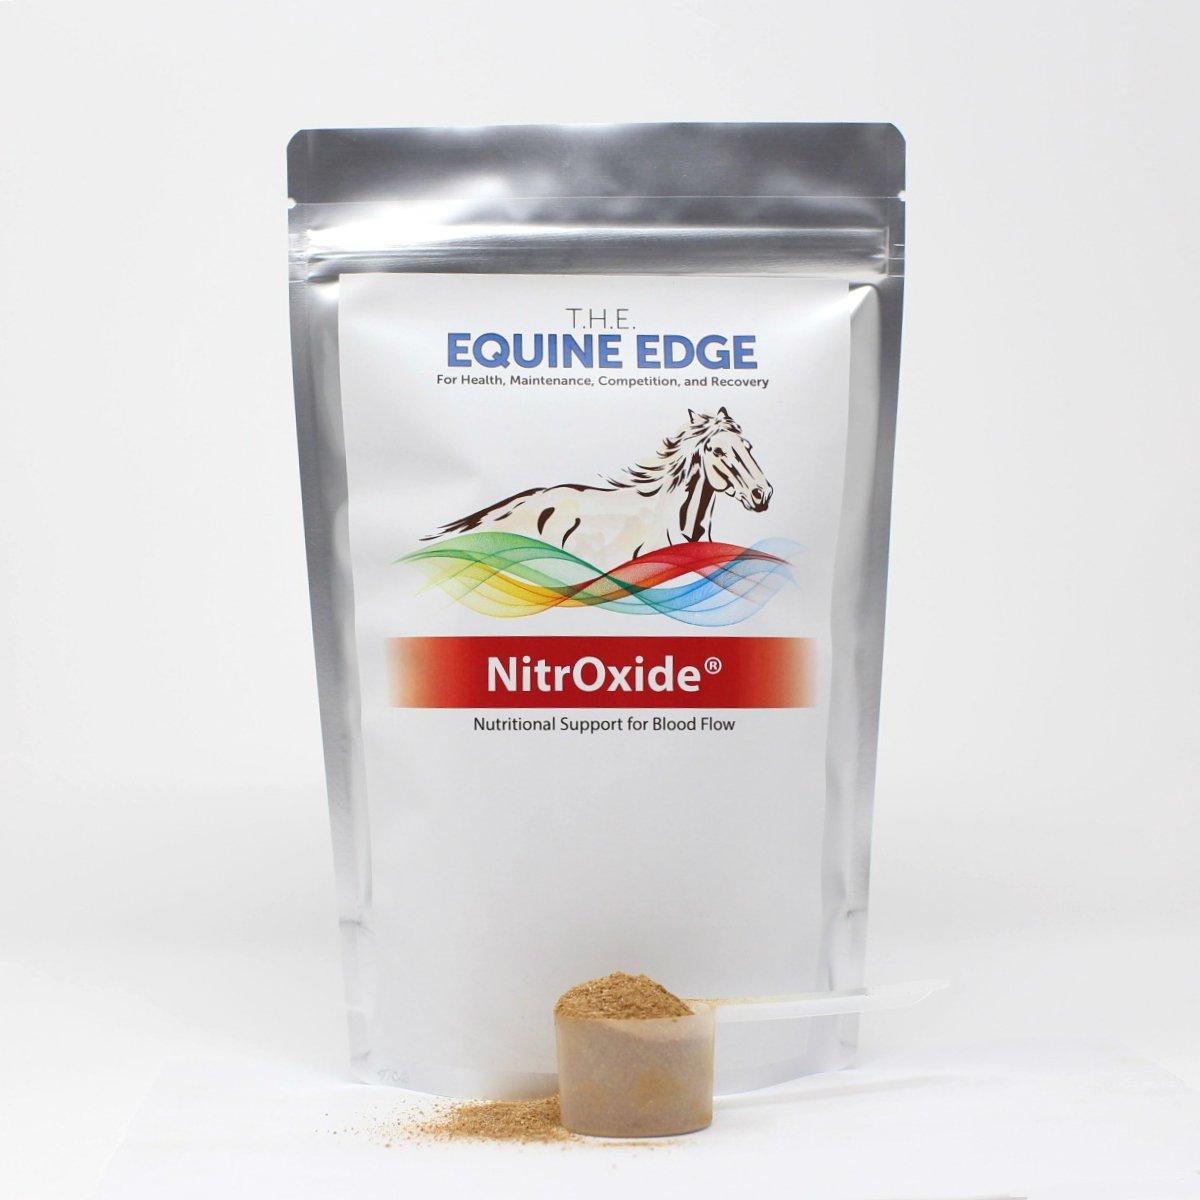 T.H.E. Equine Edge NitrOxide - Blood Flow Supplement, 30 Servings